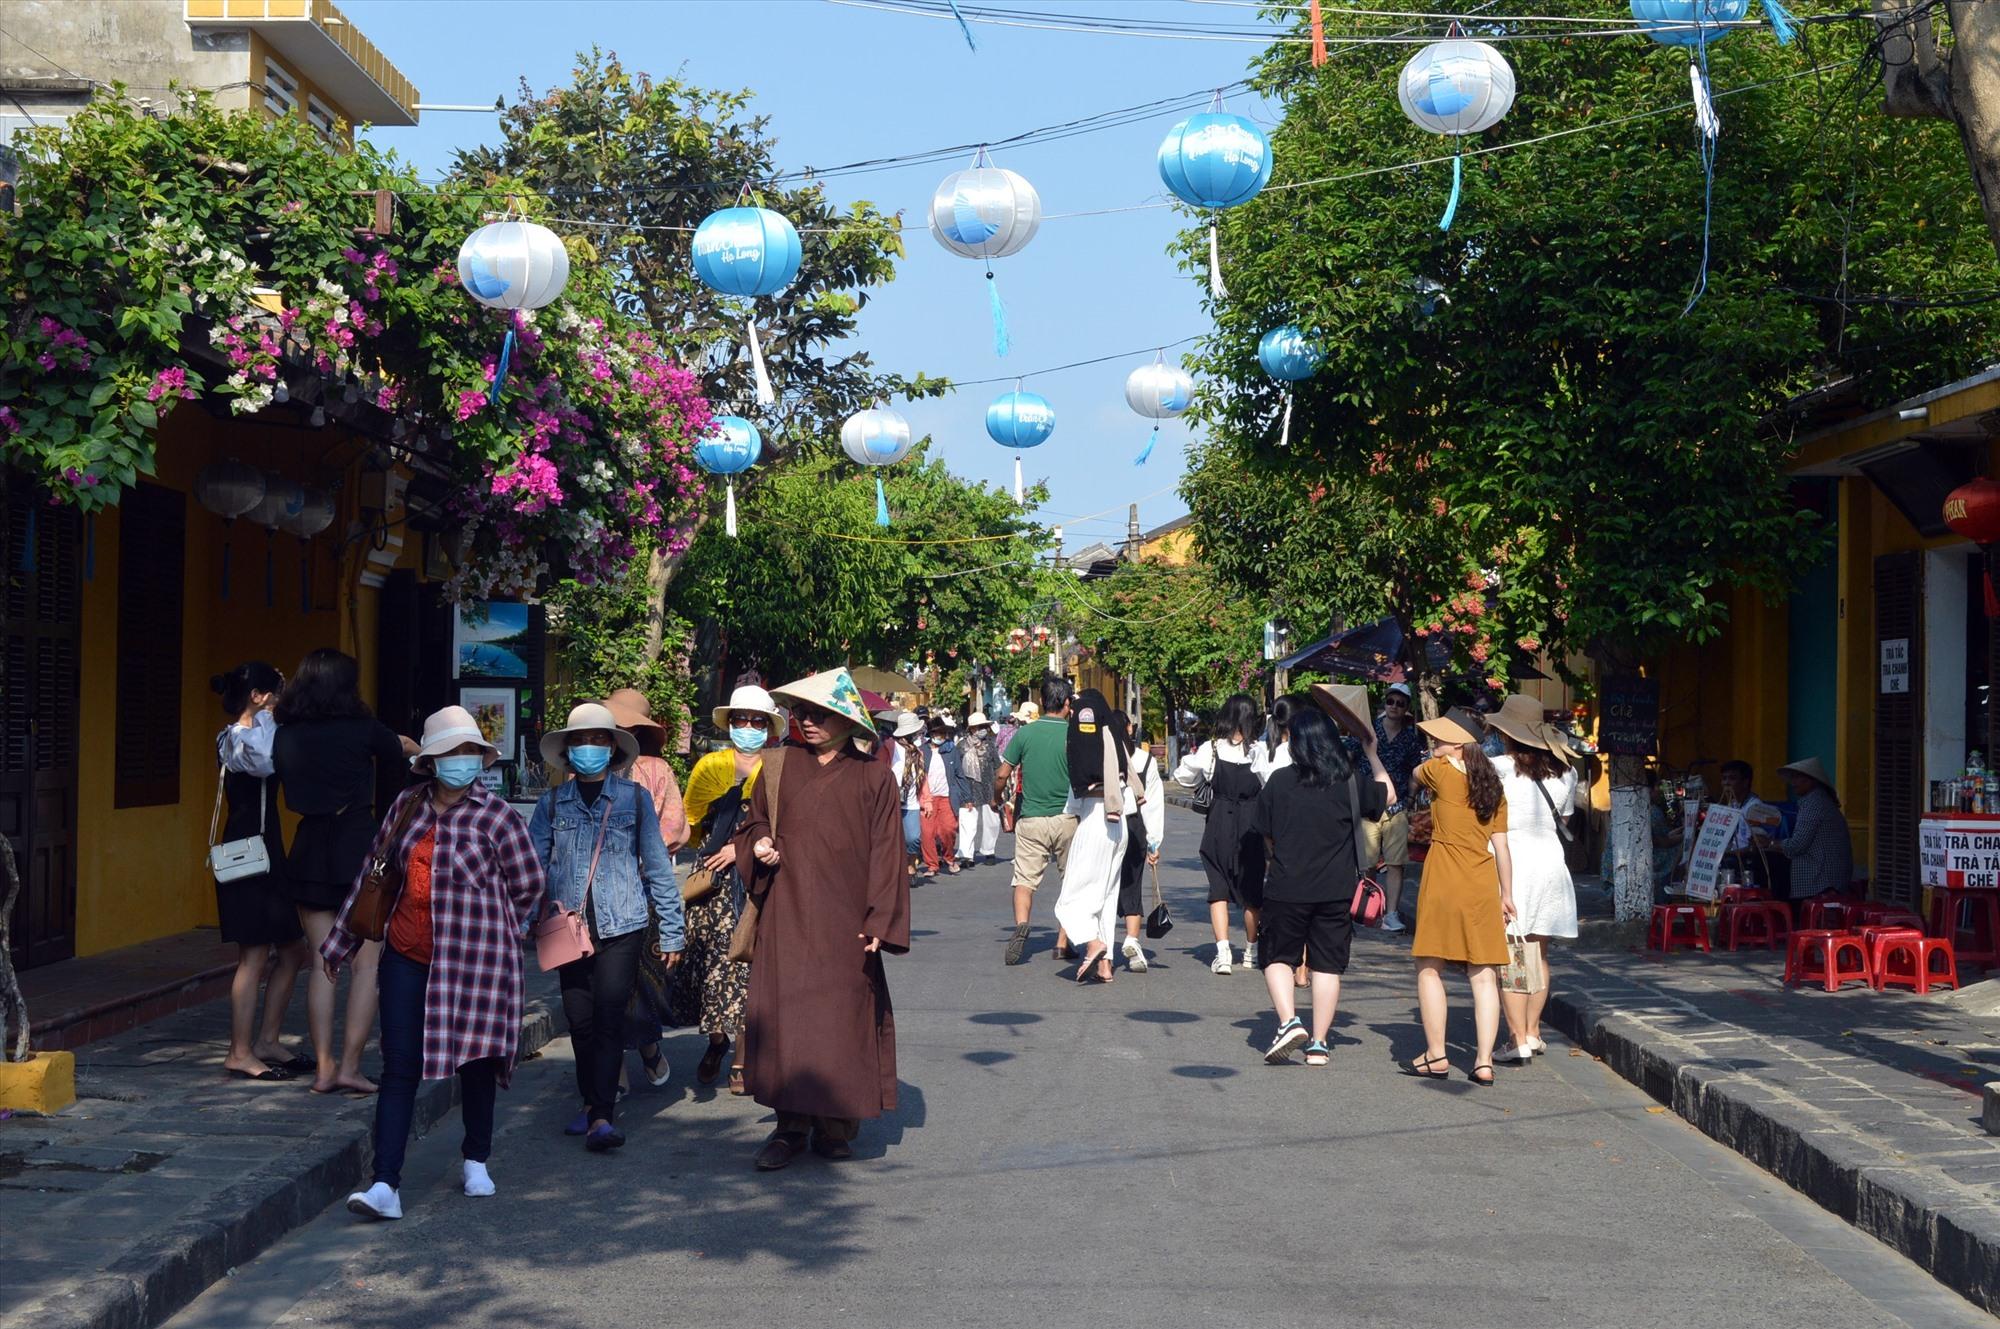 Các di tích tư nhân mở cửa sẽ góp phần giúp cho hoạt động du lịch phố cổ thêm khởi sắc